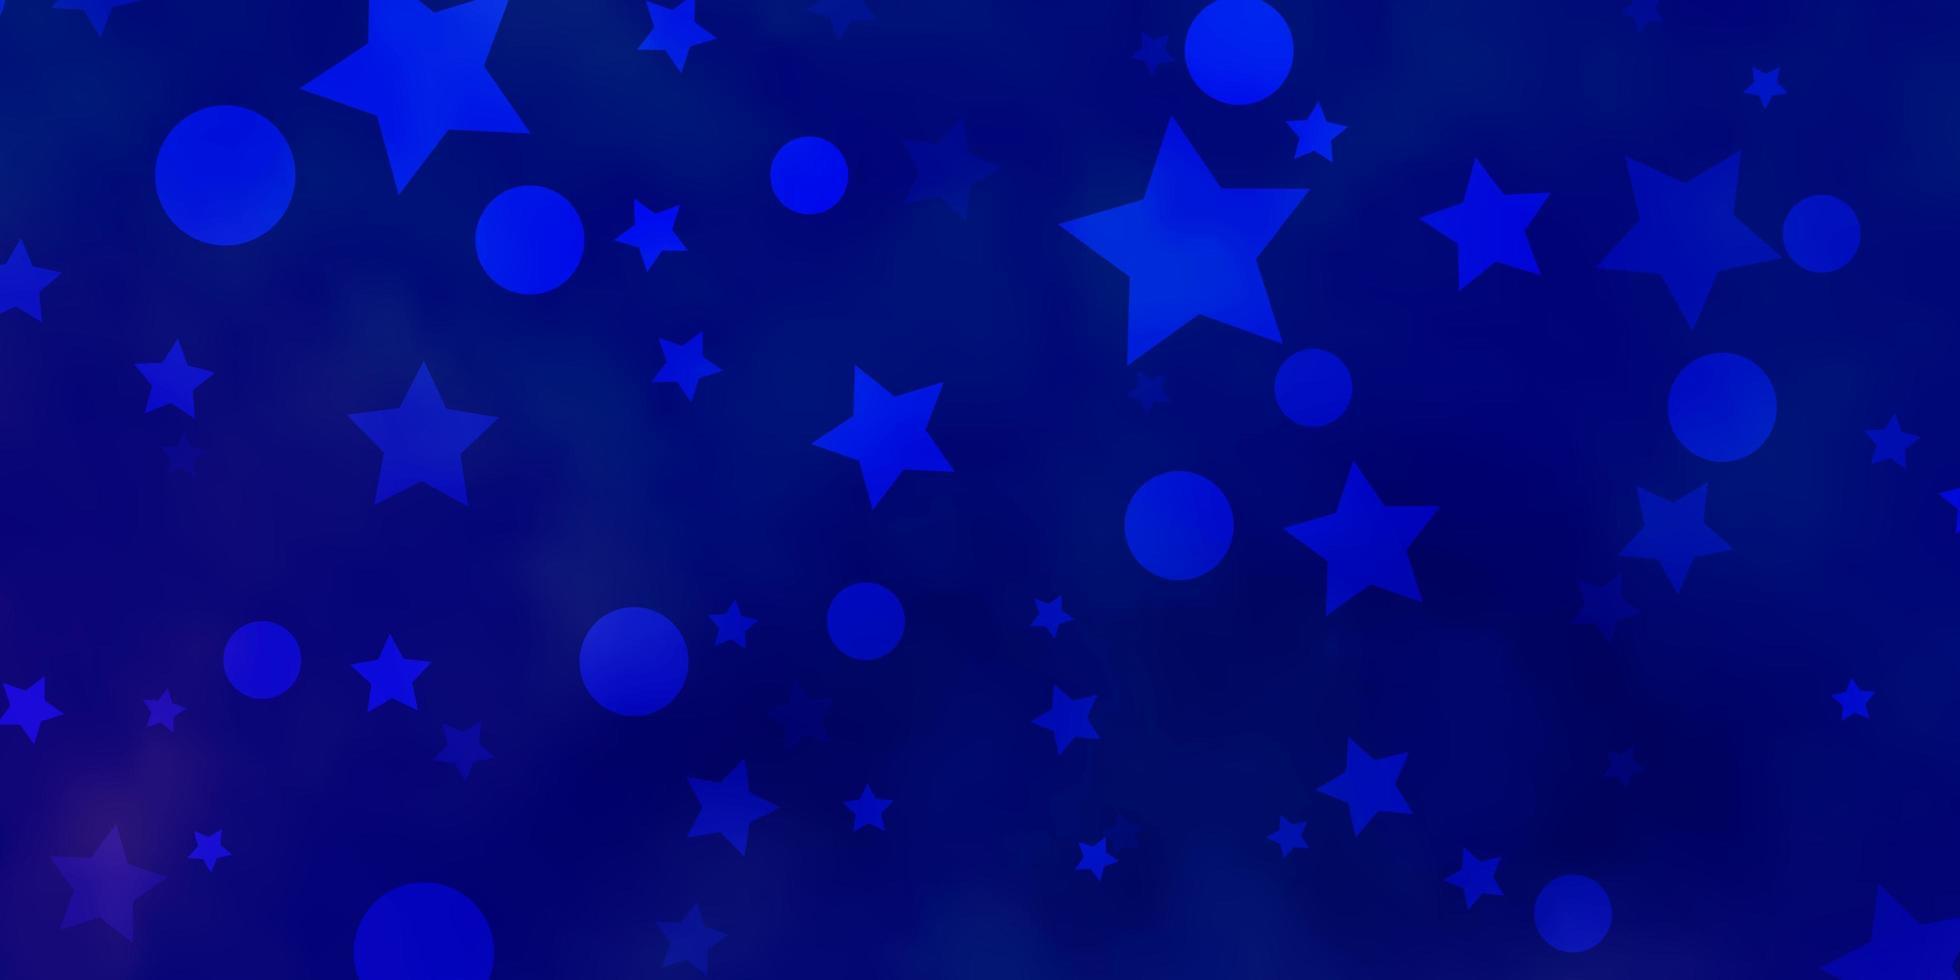 hellblaue Vektorschablone mit Kreisen, Sternen. vektor